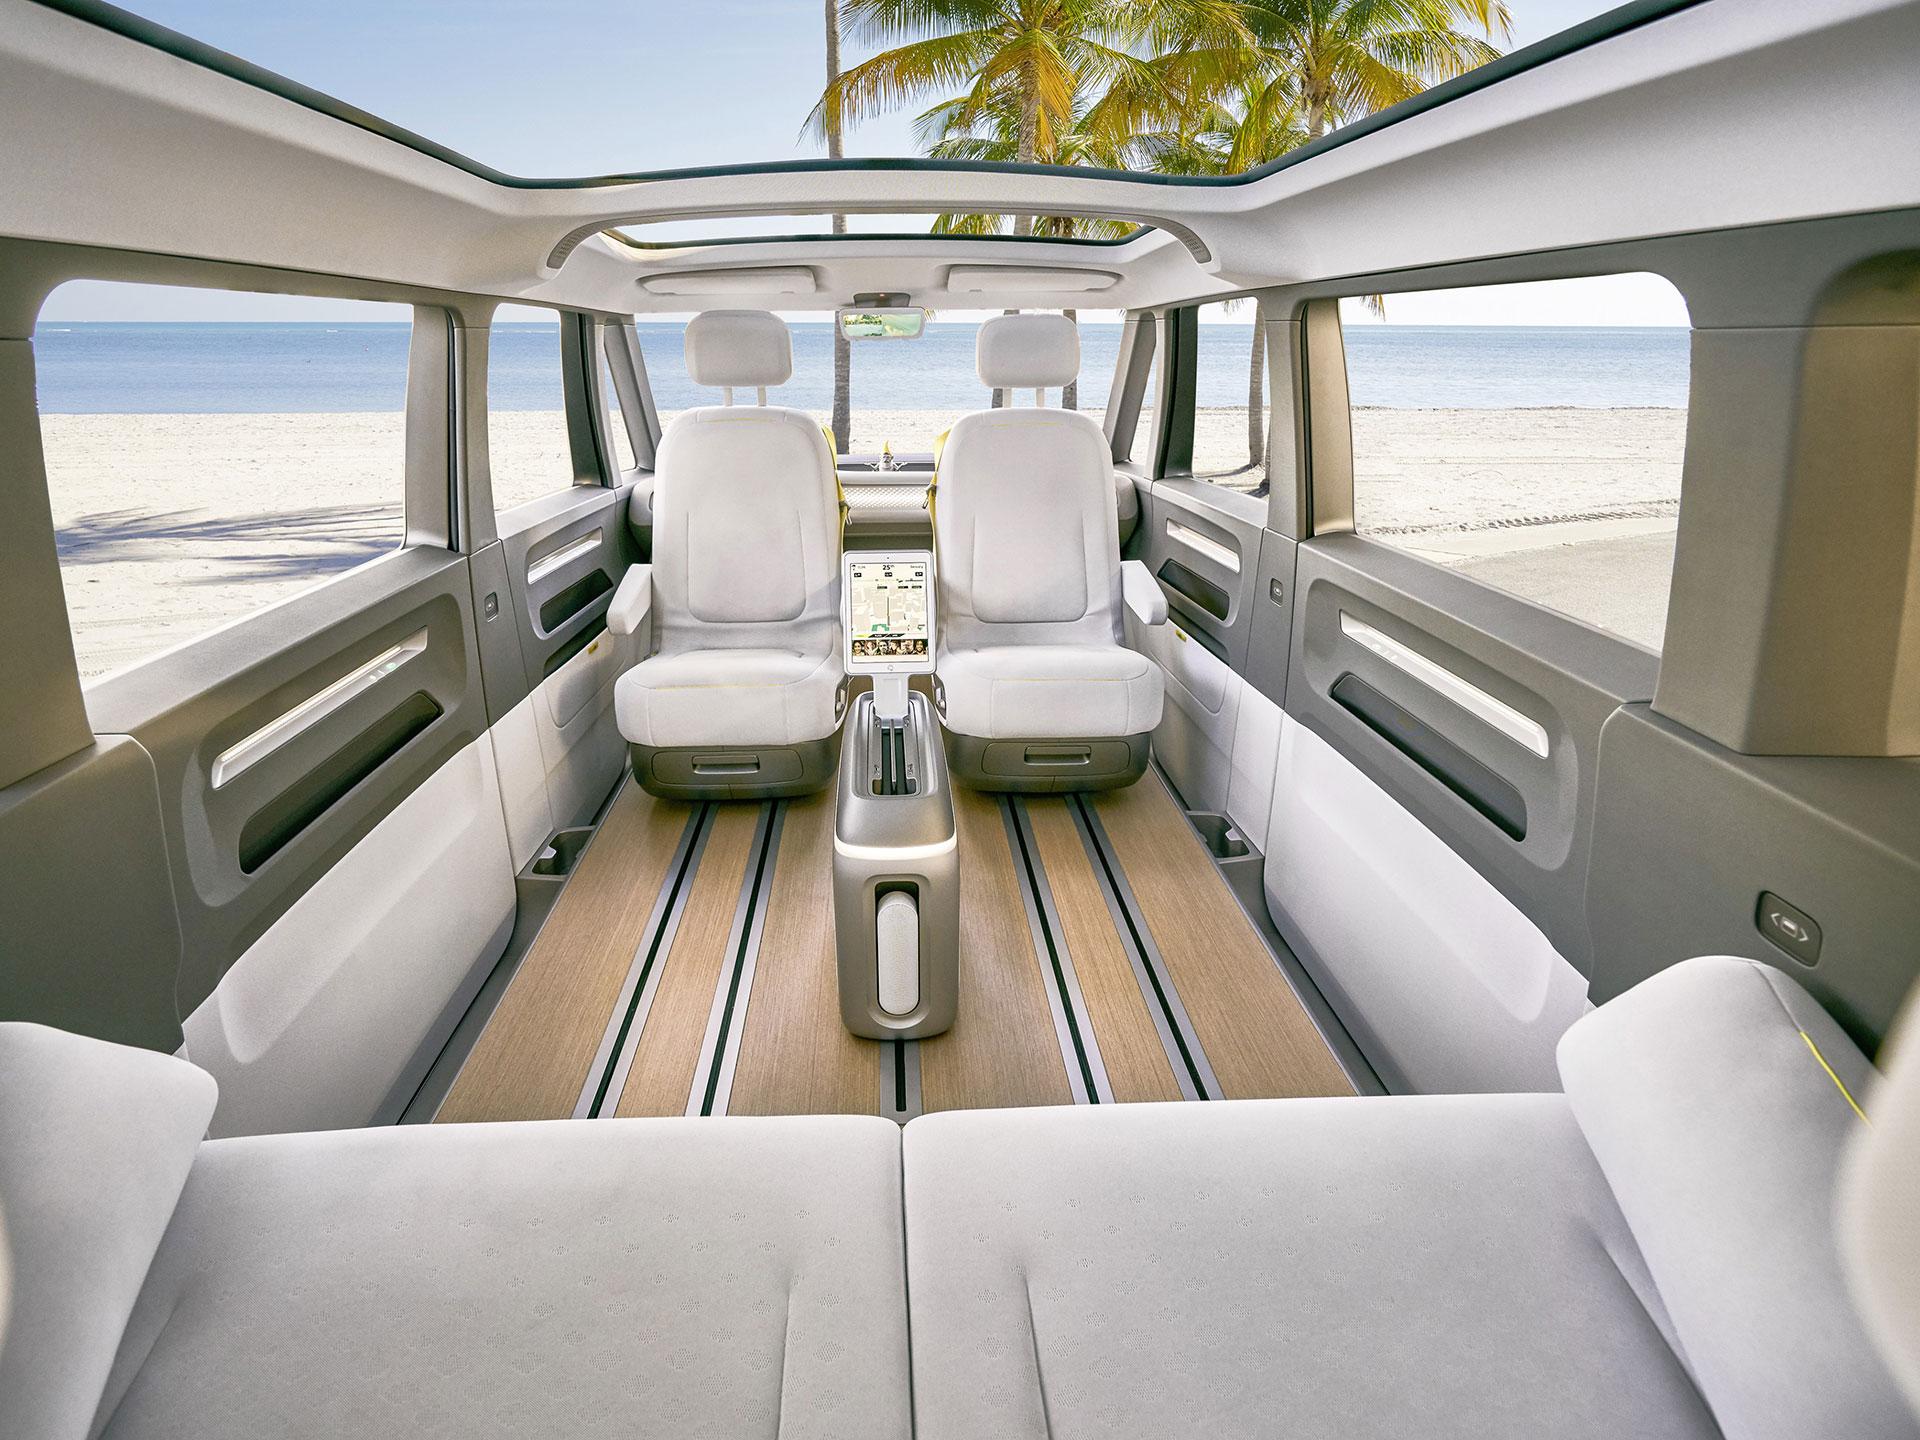 Los asientos se pueden recorrer para hacer más extenso el espacio interior. Foto:. Volkswagen